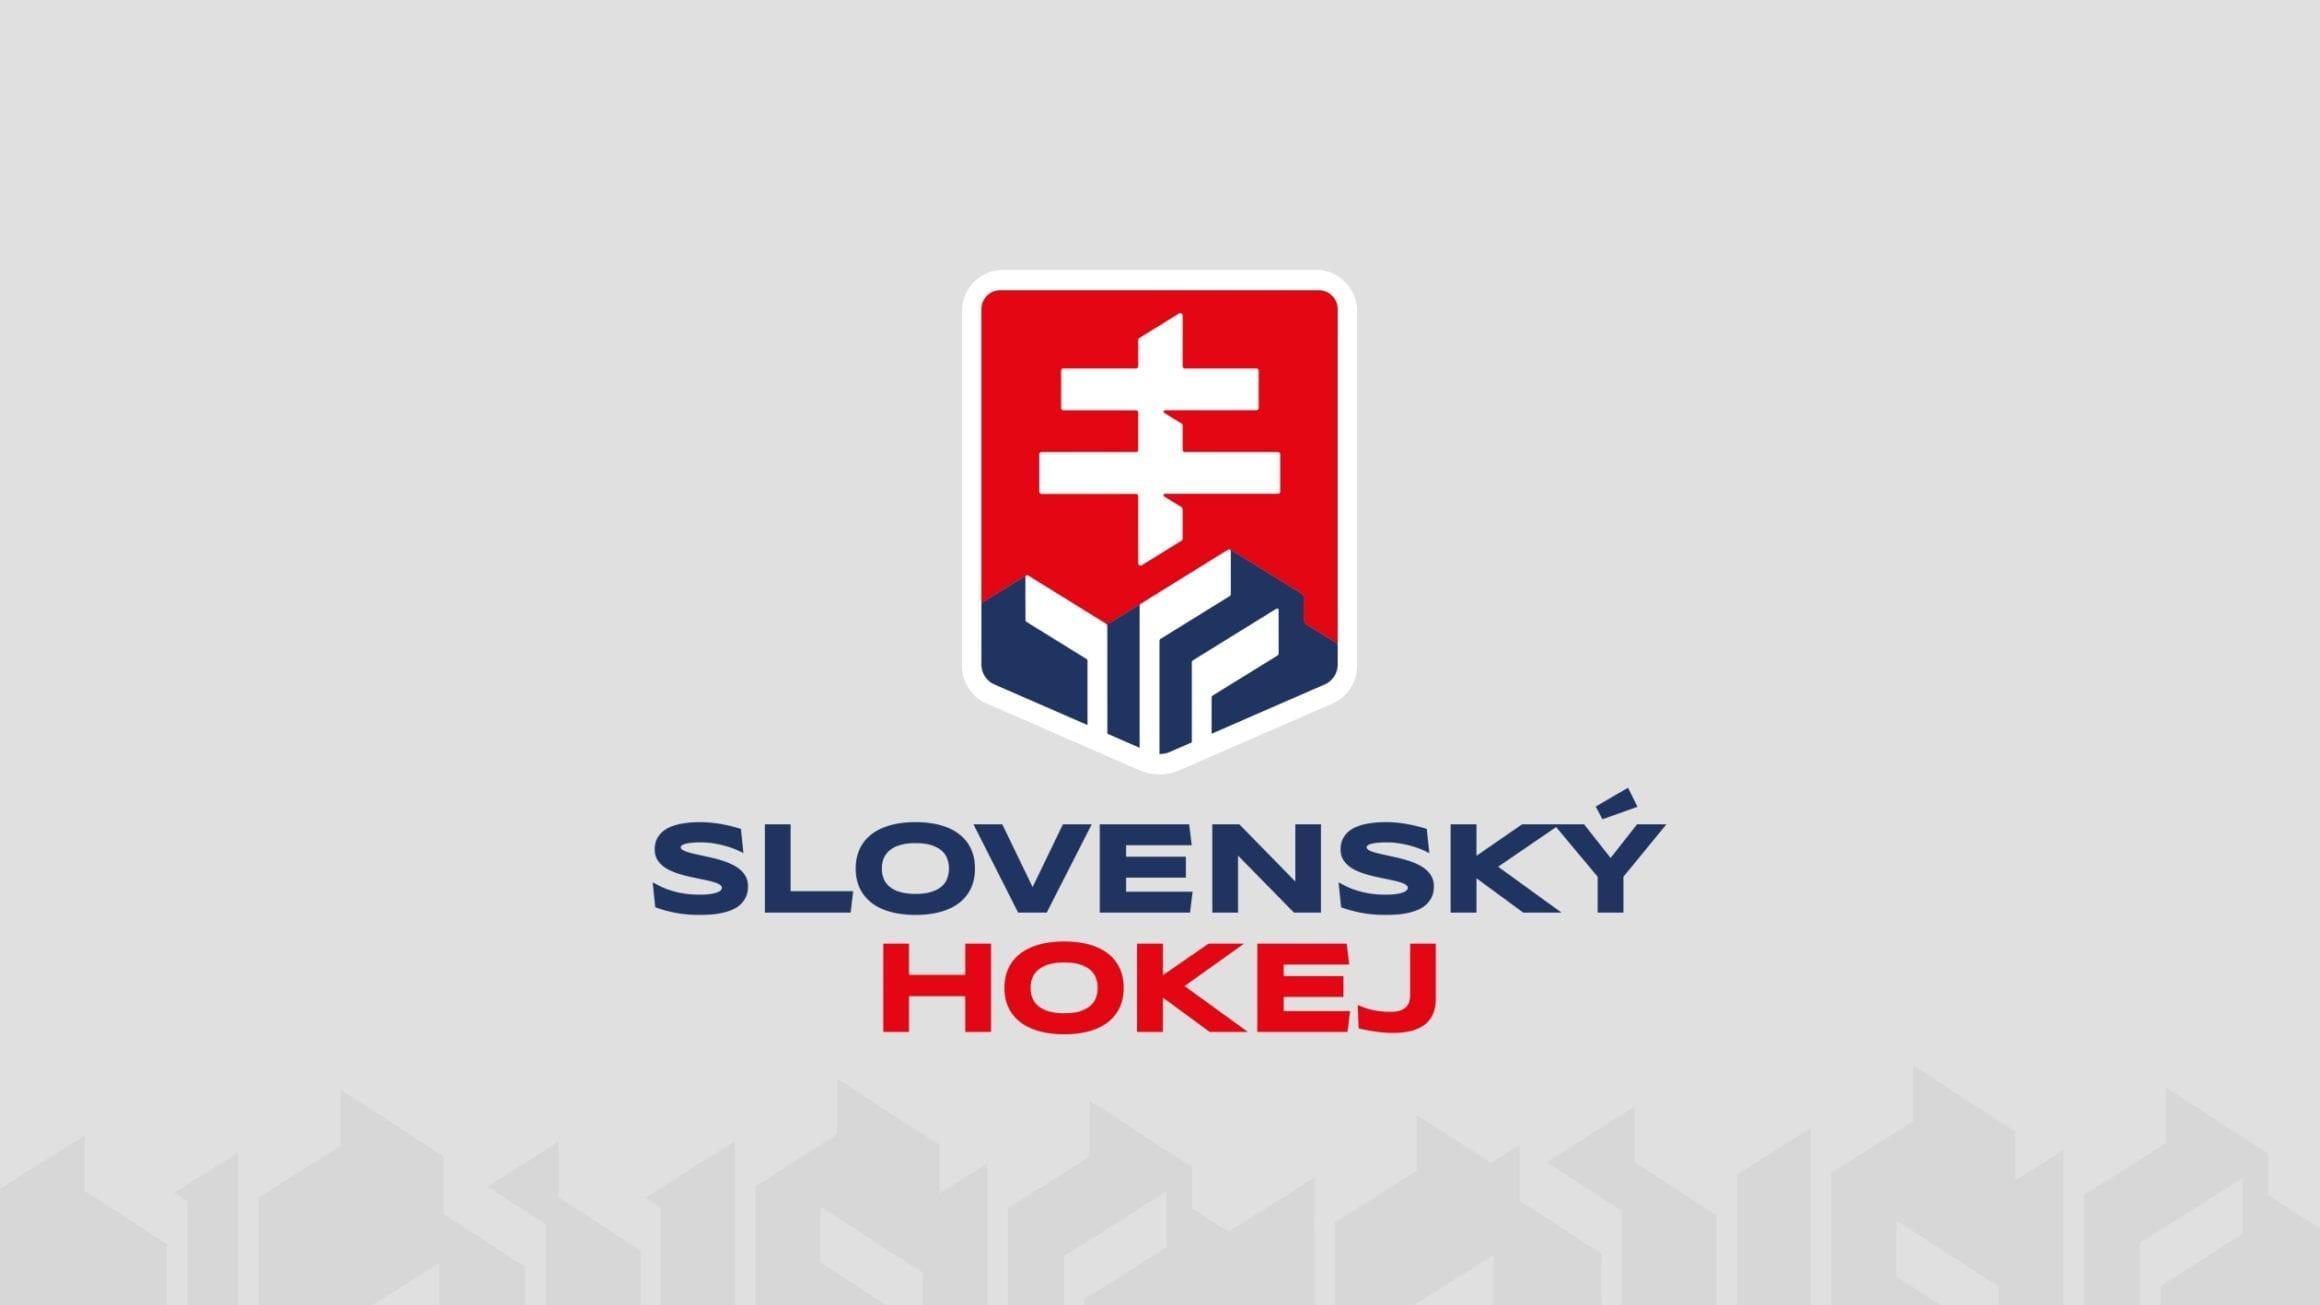 hockey slovakia 1 - Zdvihnuté hokejky – SZĽH odhalil svoje nové logo